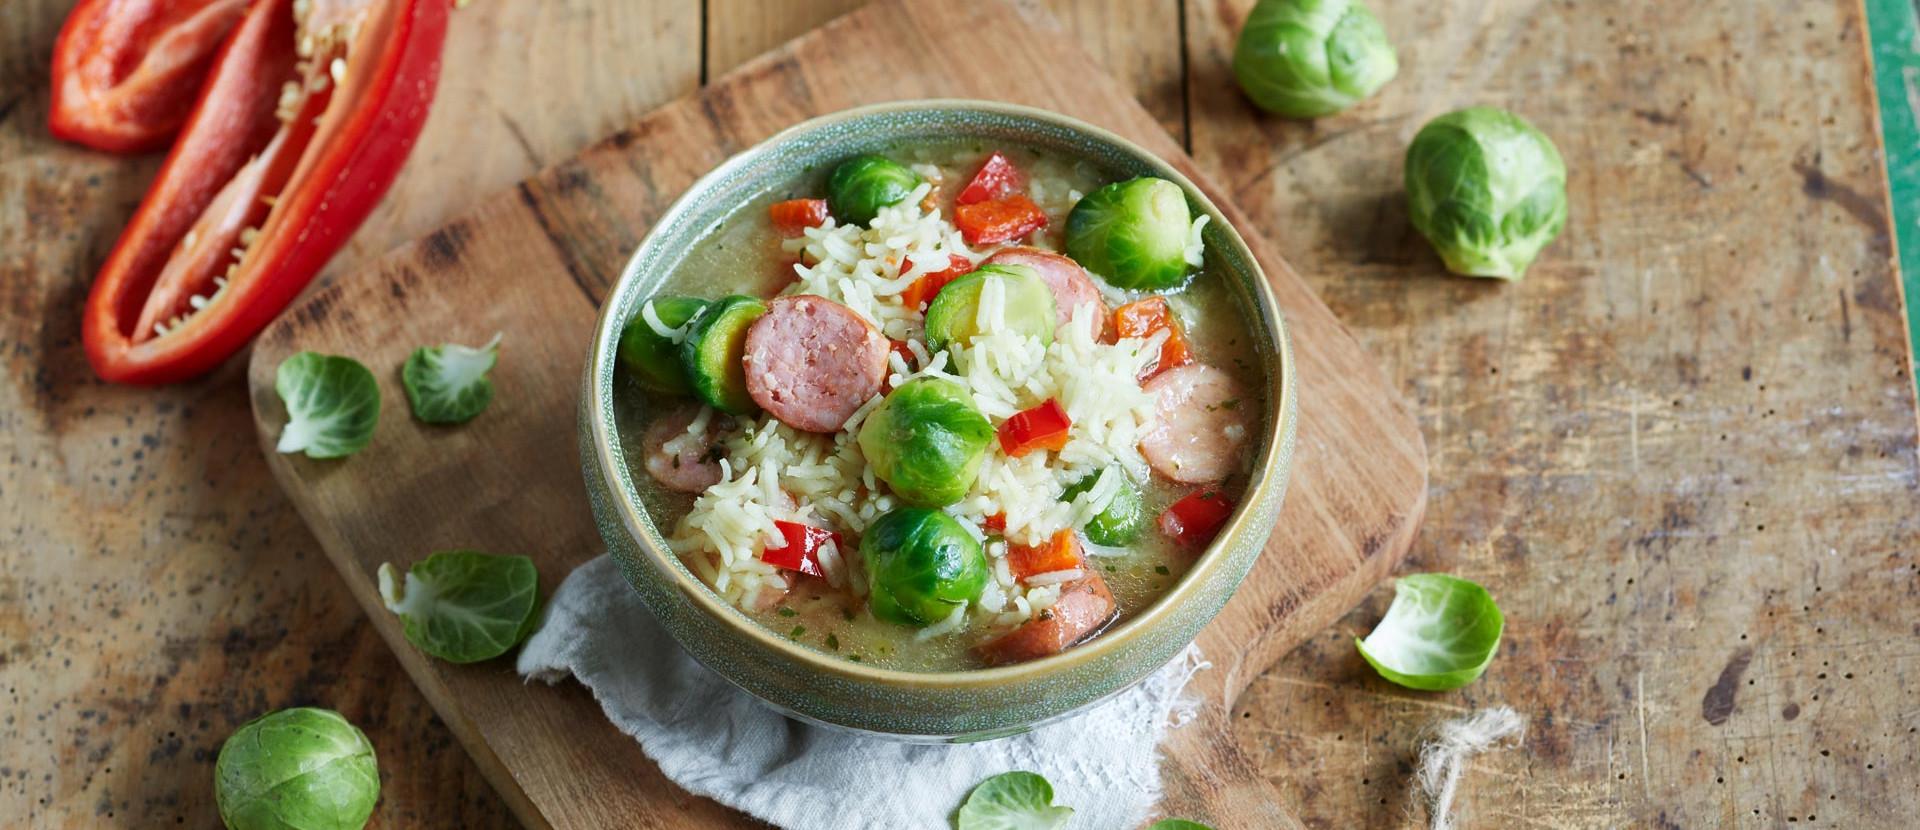 Schnelle Reissuppe